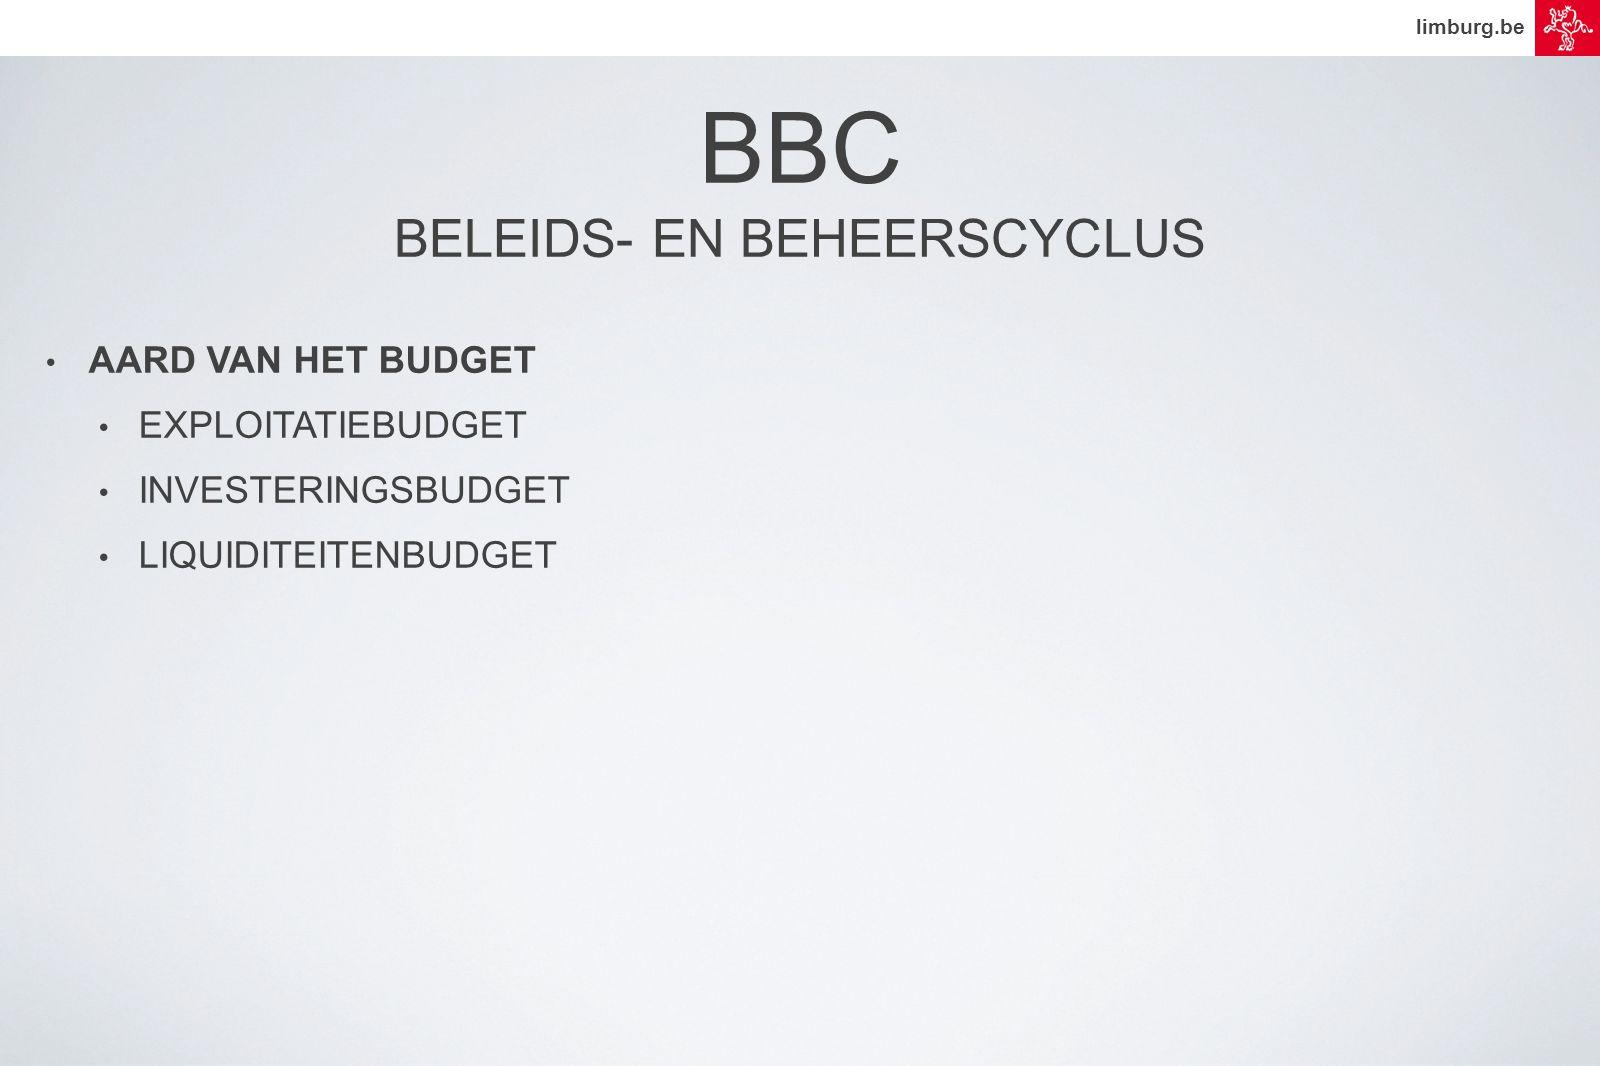 limburg.be • AARD VAN HET BUDGET • EXPLOITATIEBUDGET • INVESTERINGSBUDGET • LIQUIDITEITENBUDGET BBC BELEIDS- EN BEHEERSCYCLUS